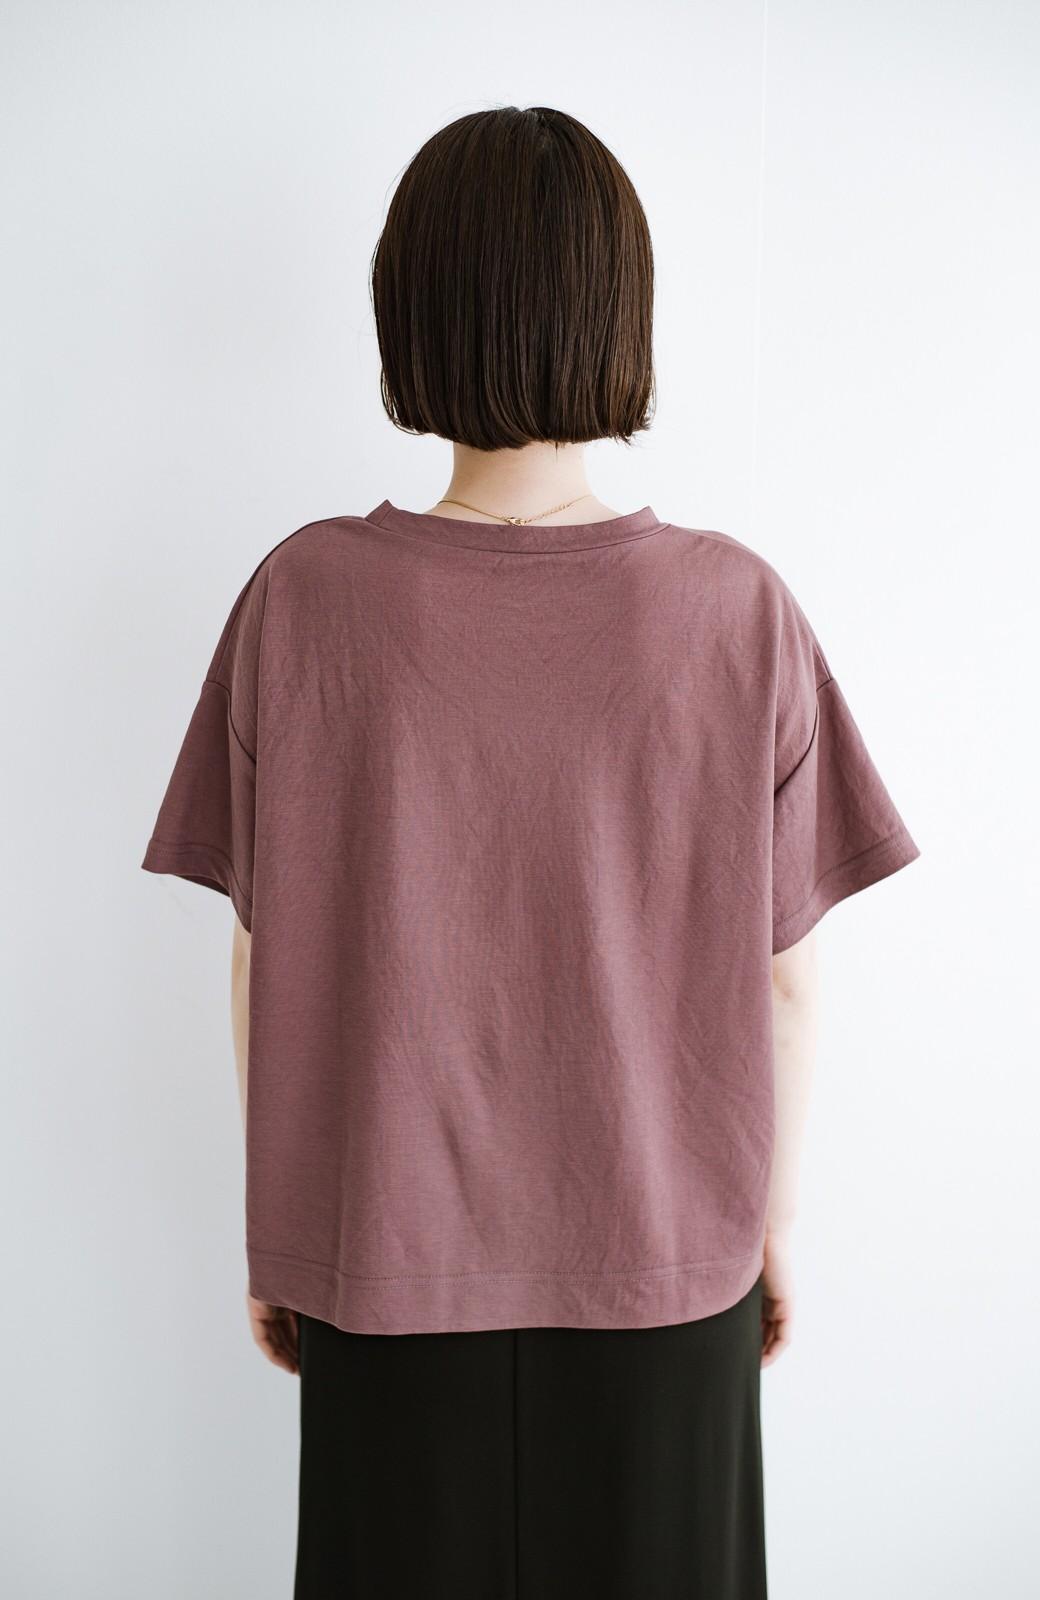 haco! カジュアル&きれいめバランスがちょうどいい!さらりと心地いい大人Tシャツ <スモークピンク>の商品写真10